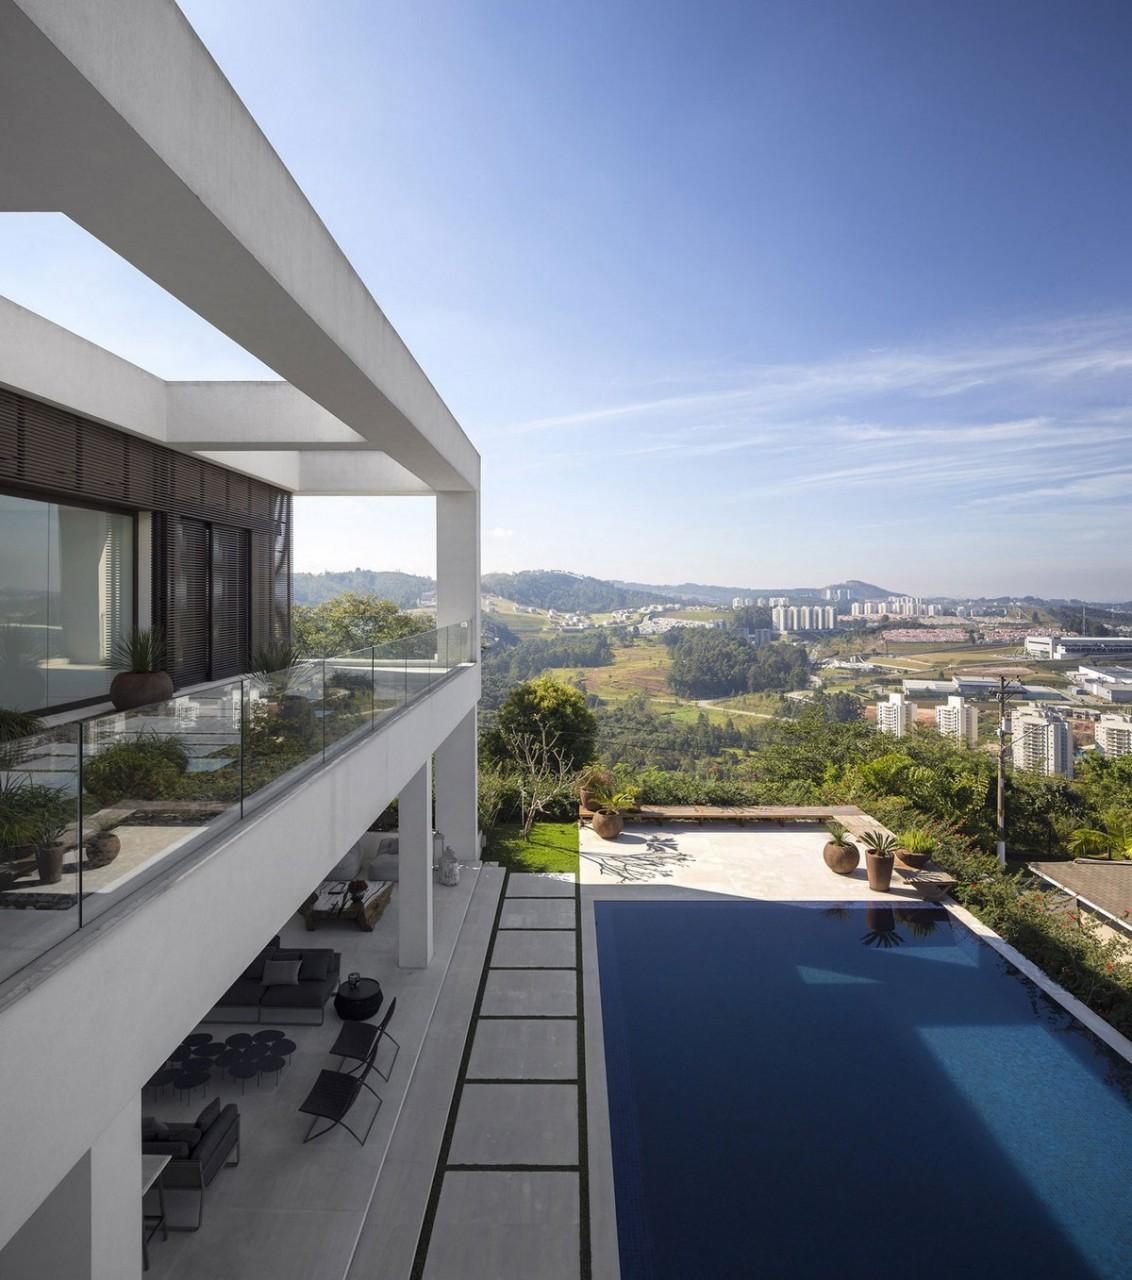 Jaragua, особняк в Сан-Паулу, фотографии особняков, особняк на вершине холма, красивый вид из окон частного дома, Fernanda Marques Arquitetos Associados